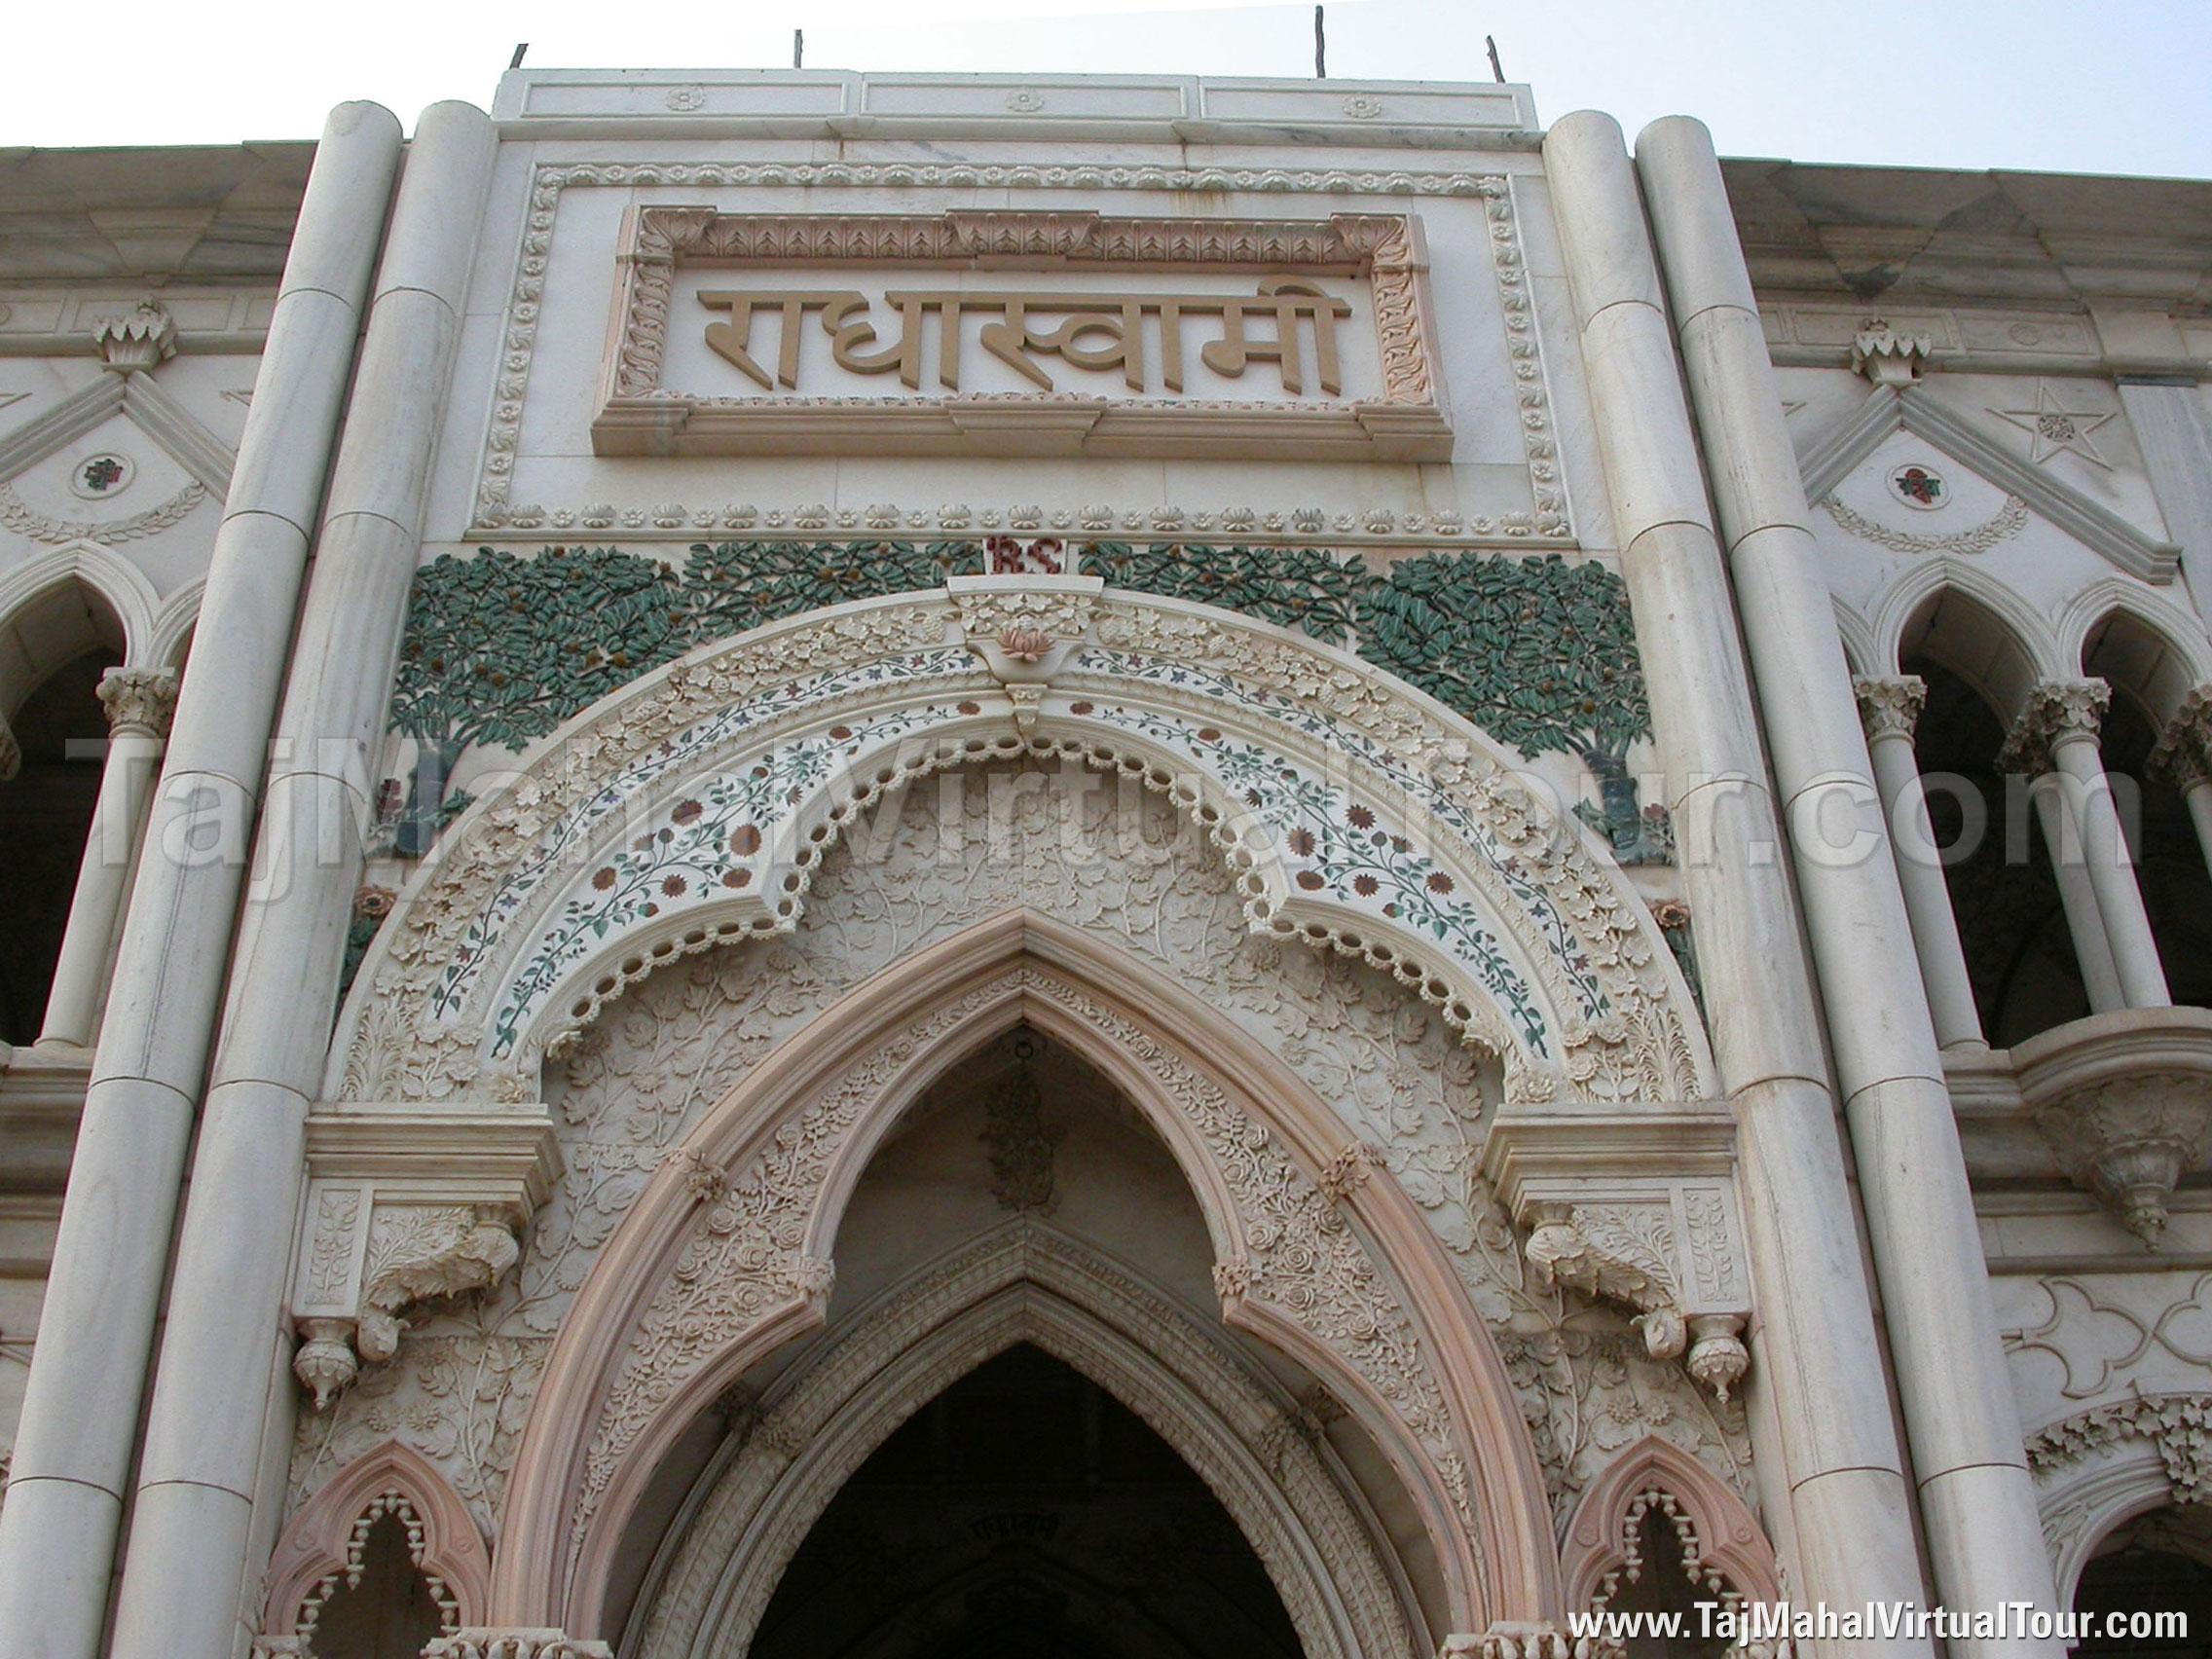 Radha Swami Temple of Radha Swami Samathi